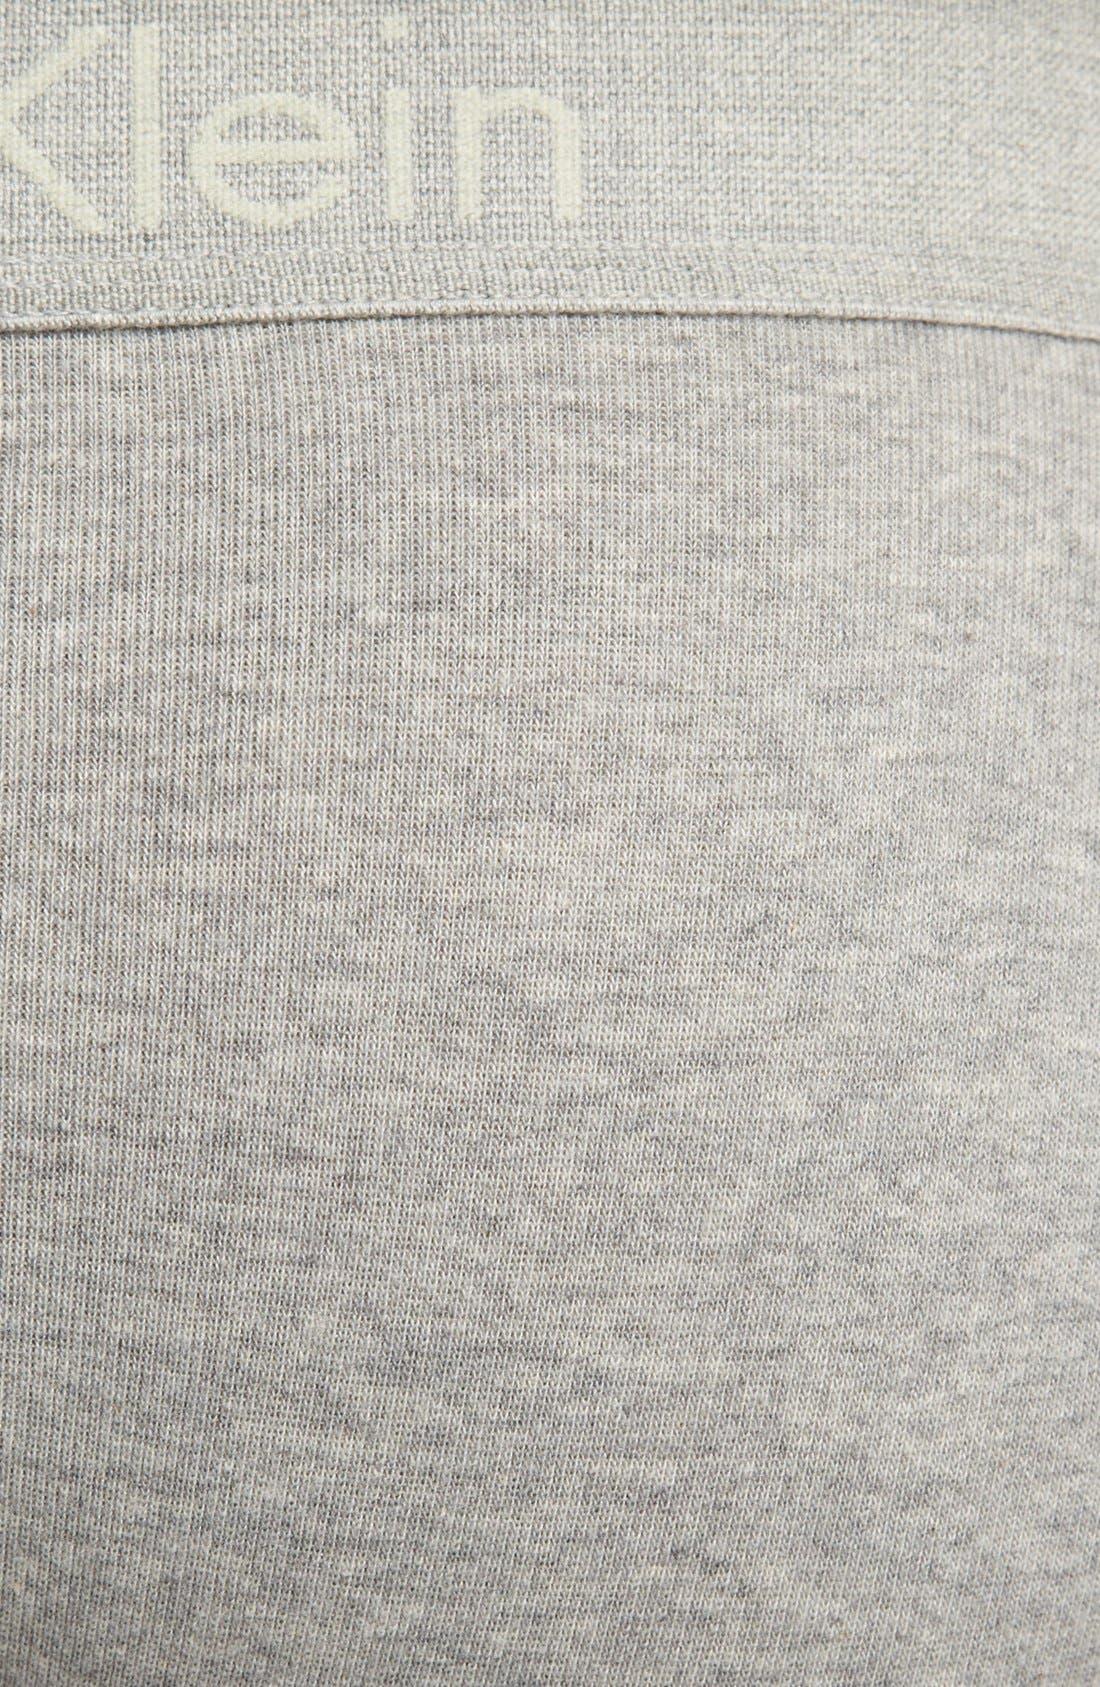 Alternate Image 3  - Calvin Klein Hip Briefs (2-Pack)